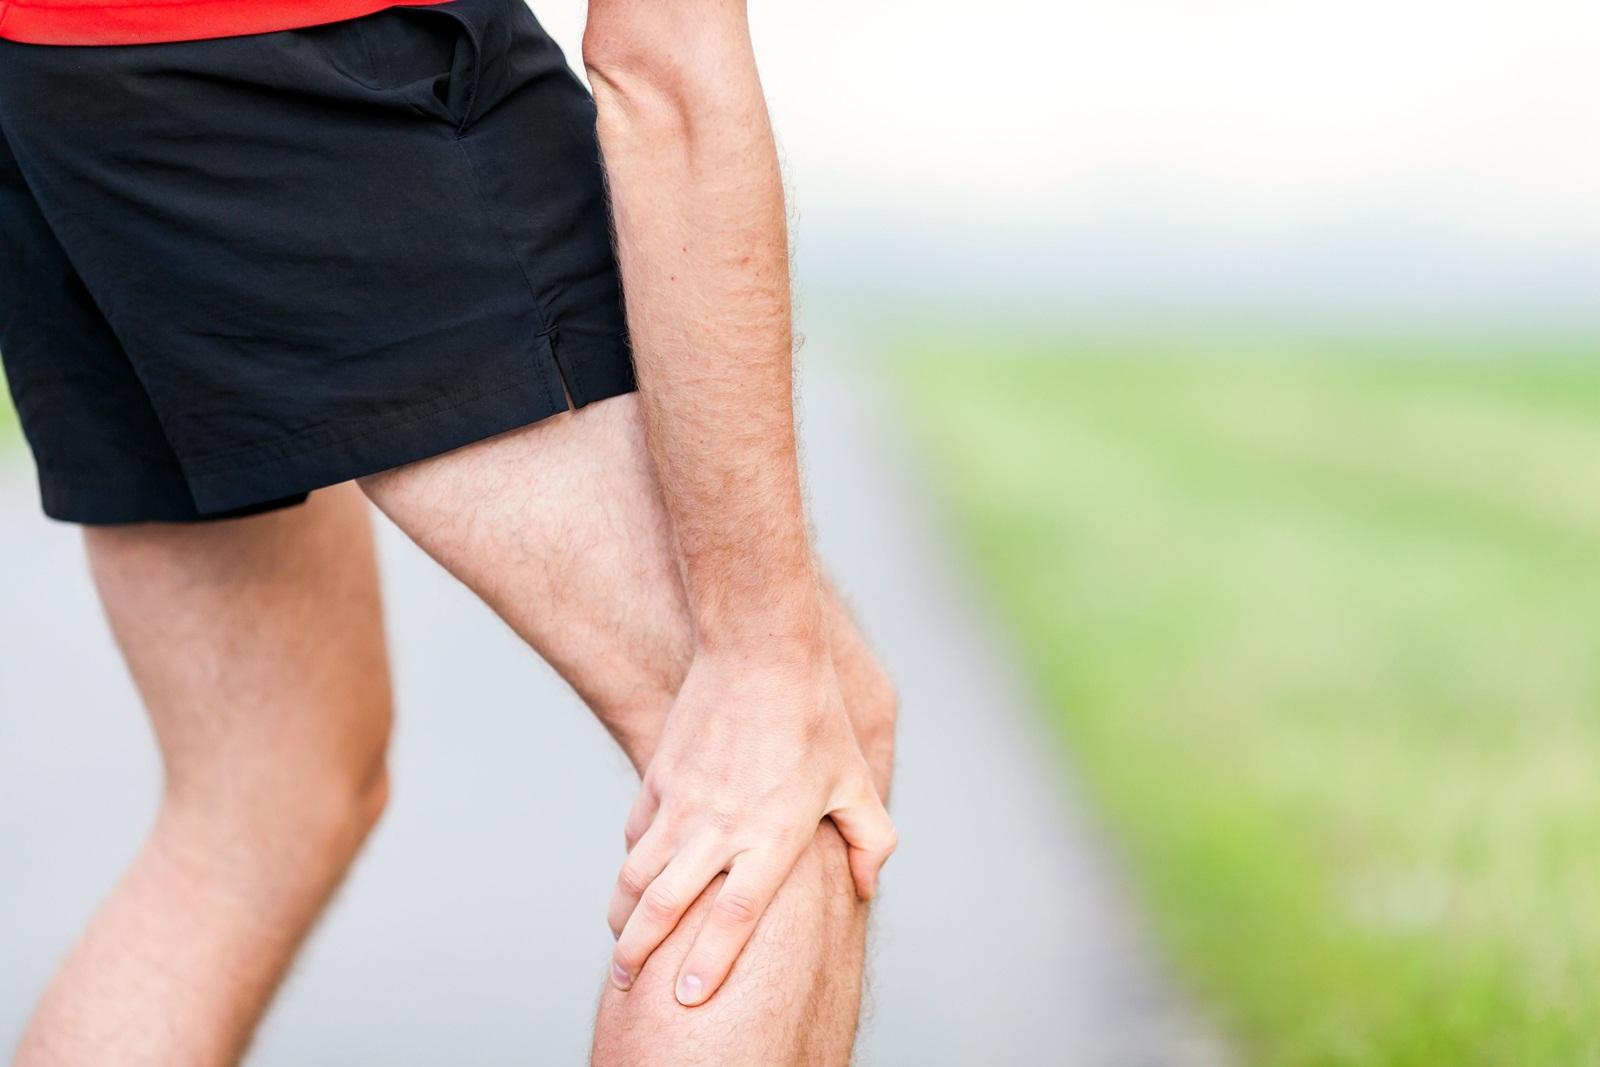 การออกกำลังกายในผู้ป่วยเข่าเสื่อม thaihealth